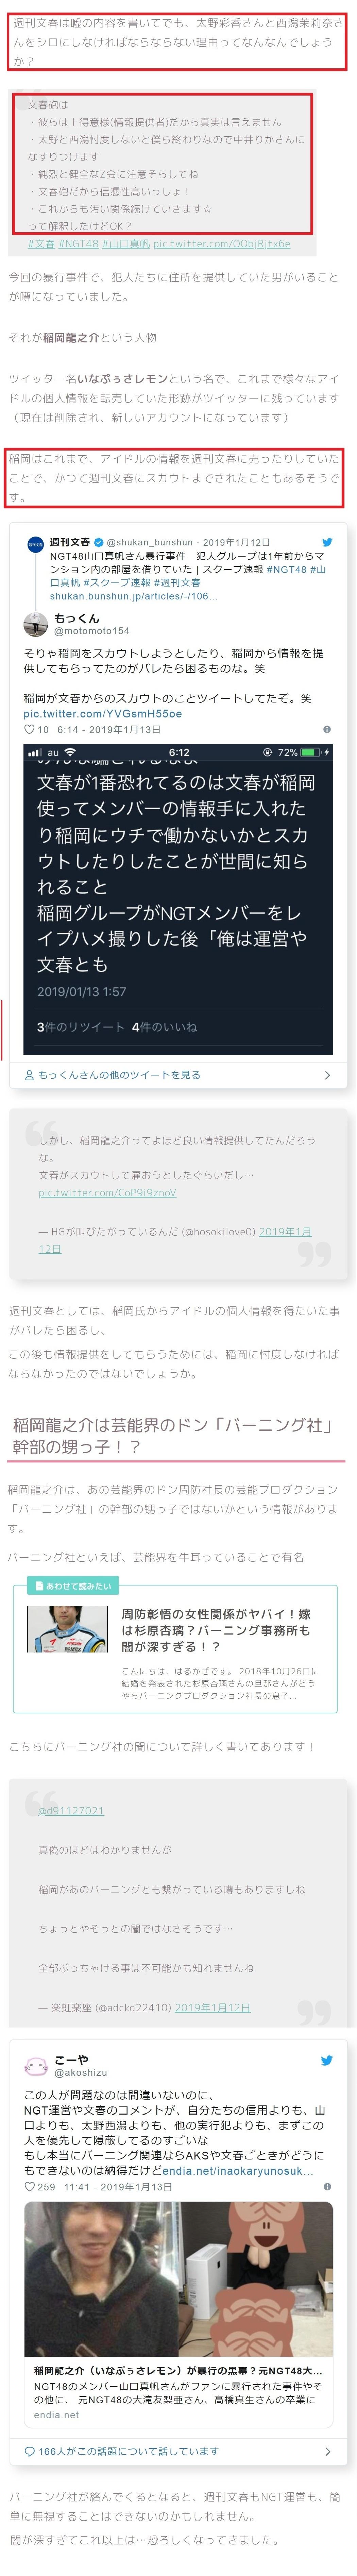 文春の松井がクビ11